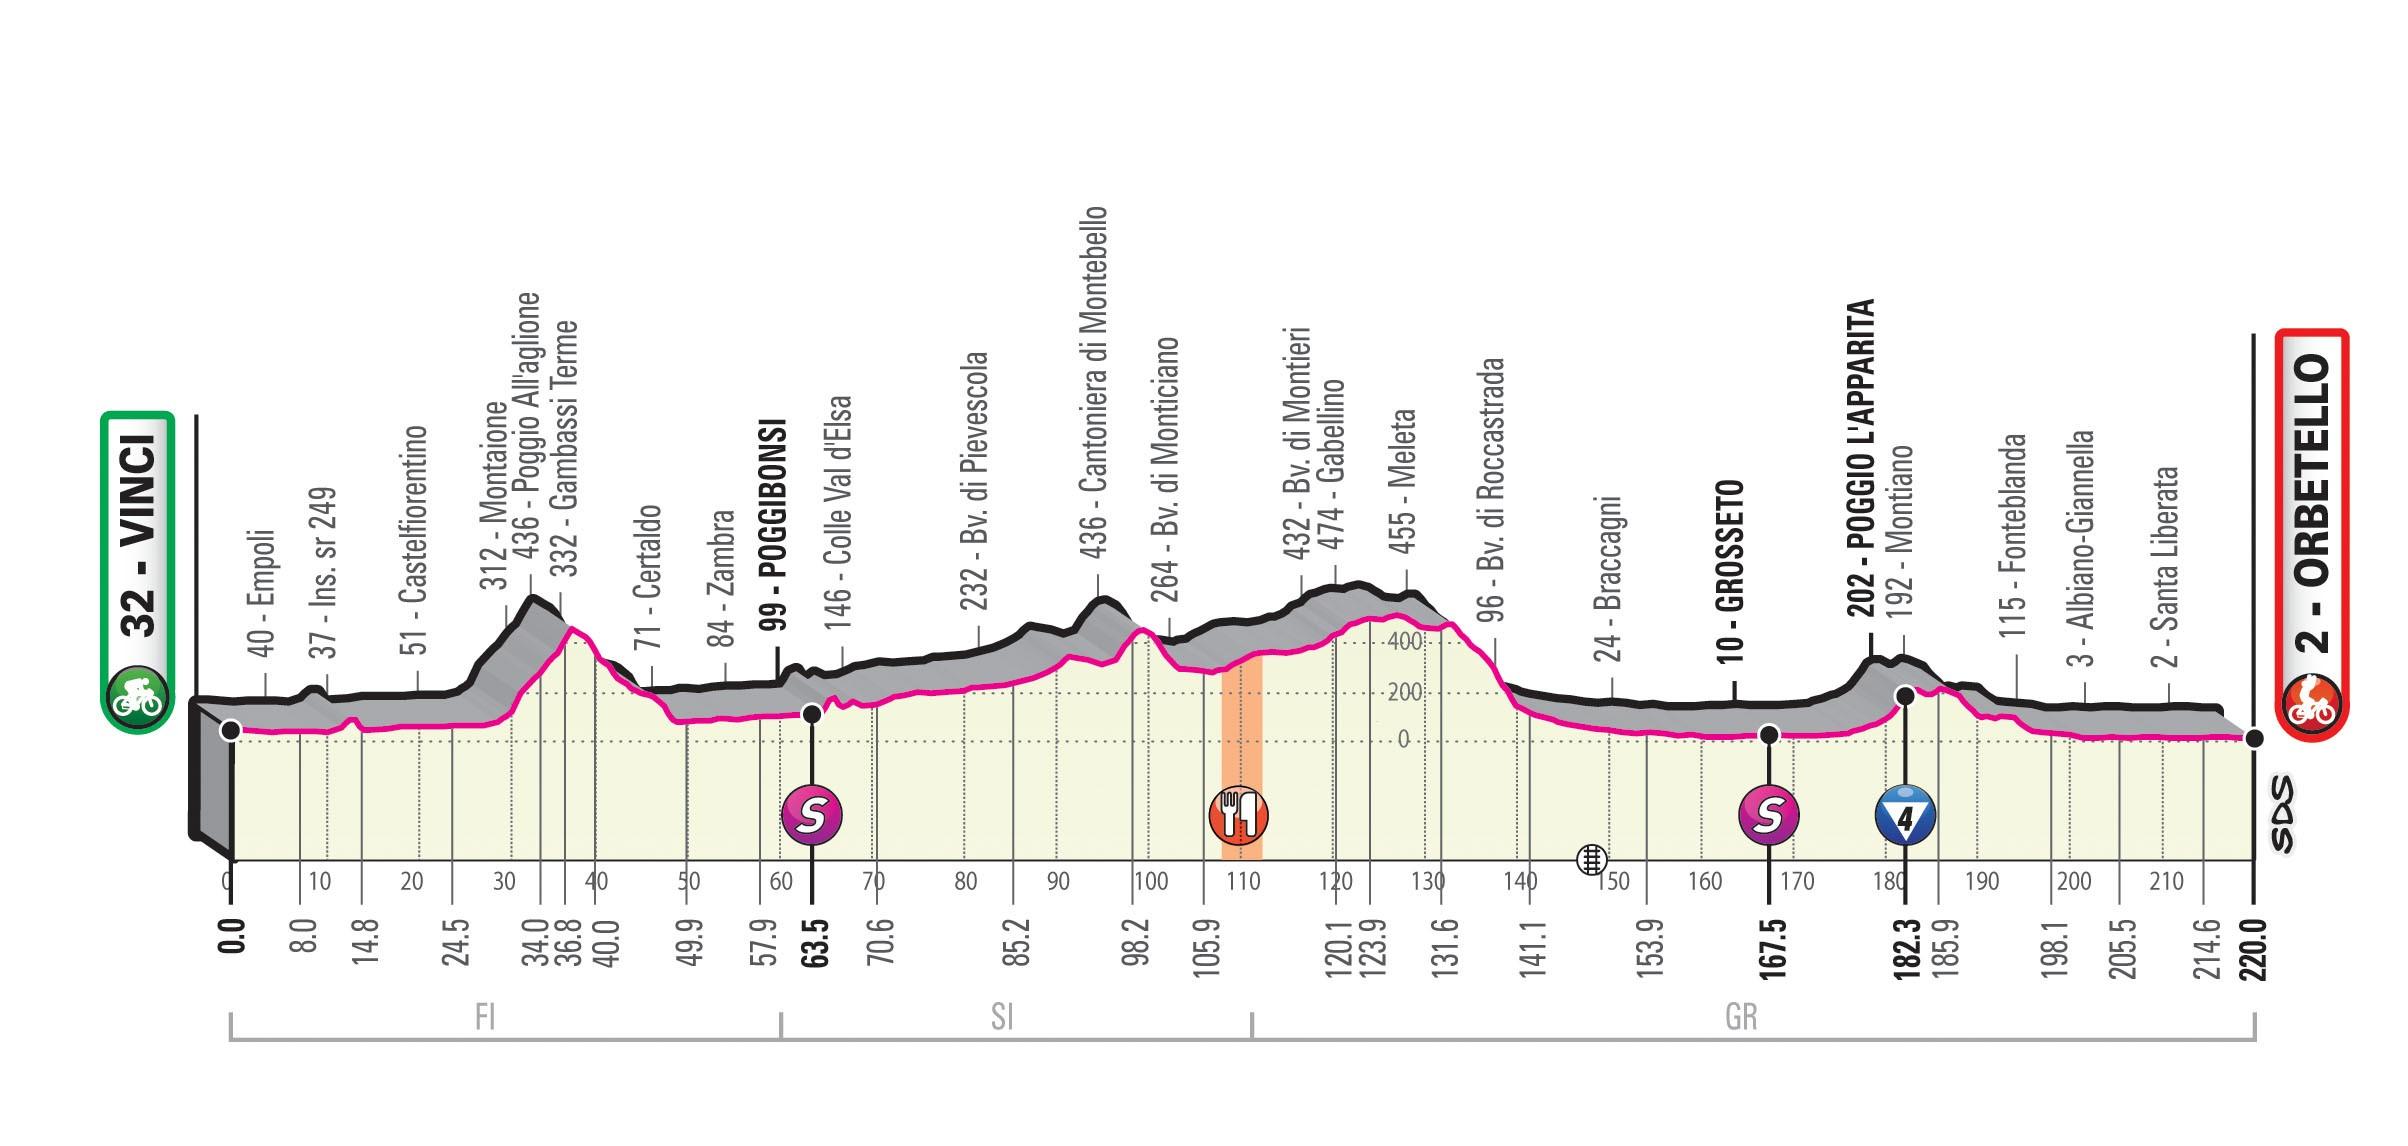 Giro 2019 Etapp 3